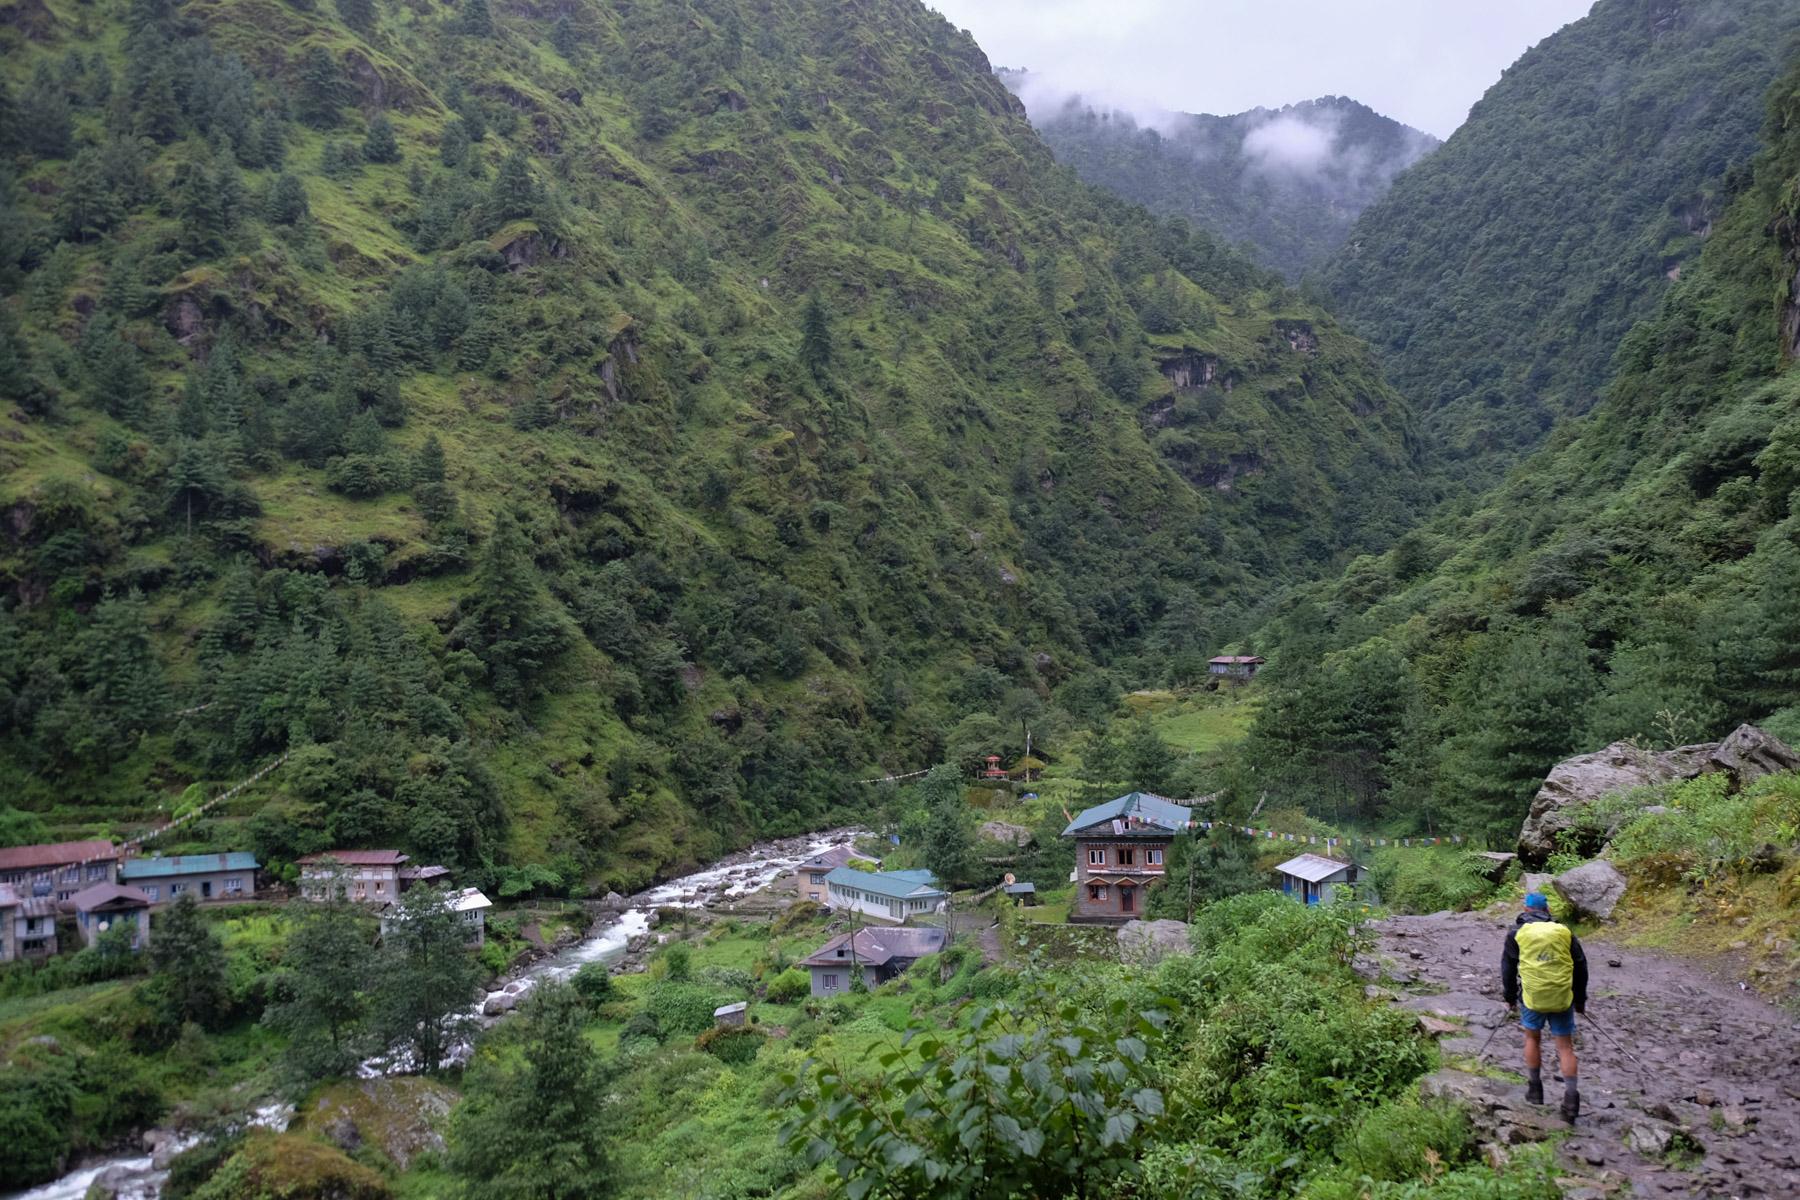 Route du Khumbu, Everest 3 pass #1 34